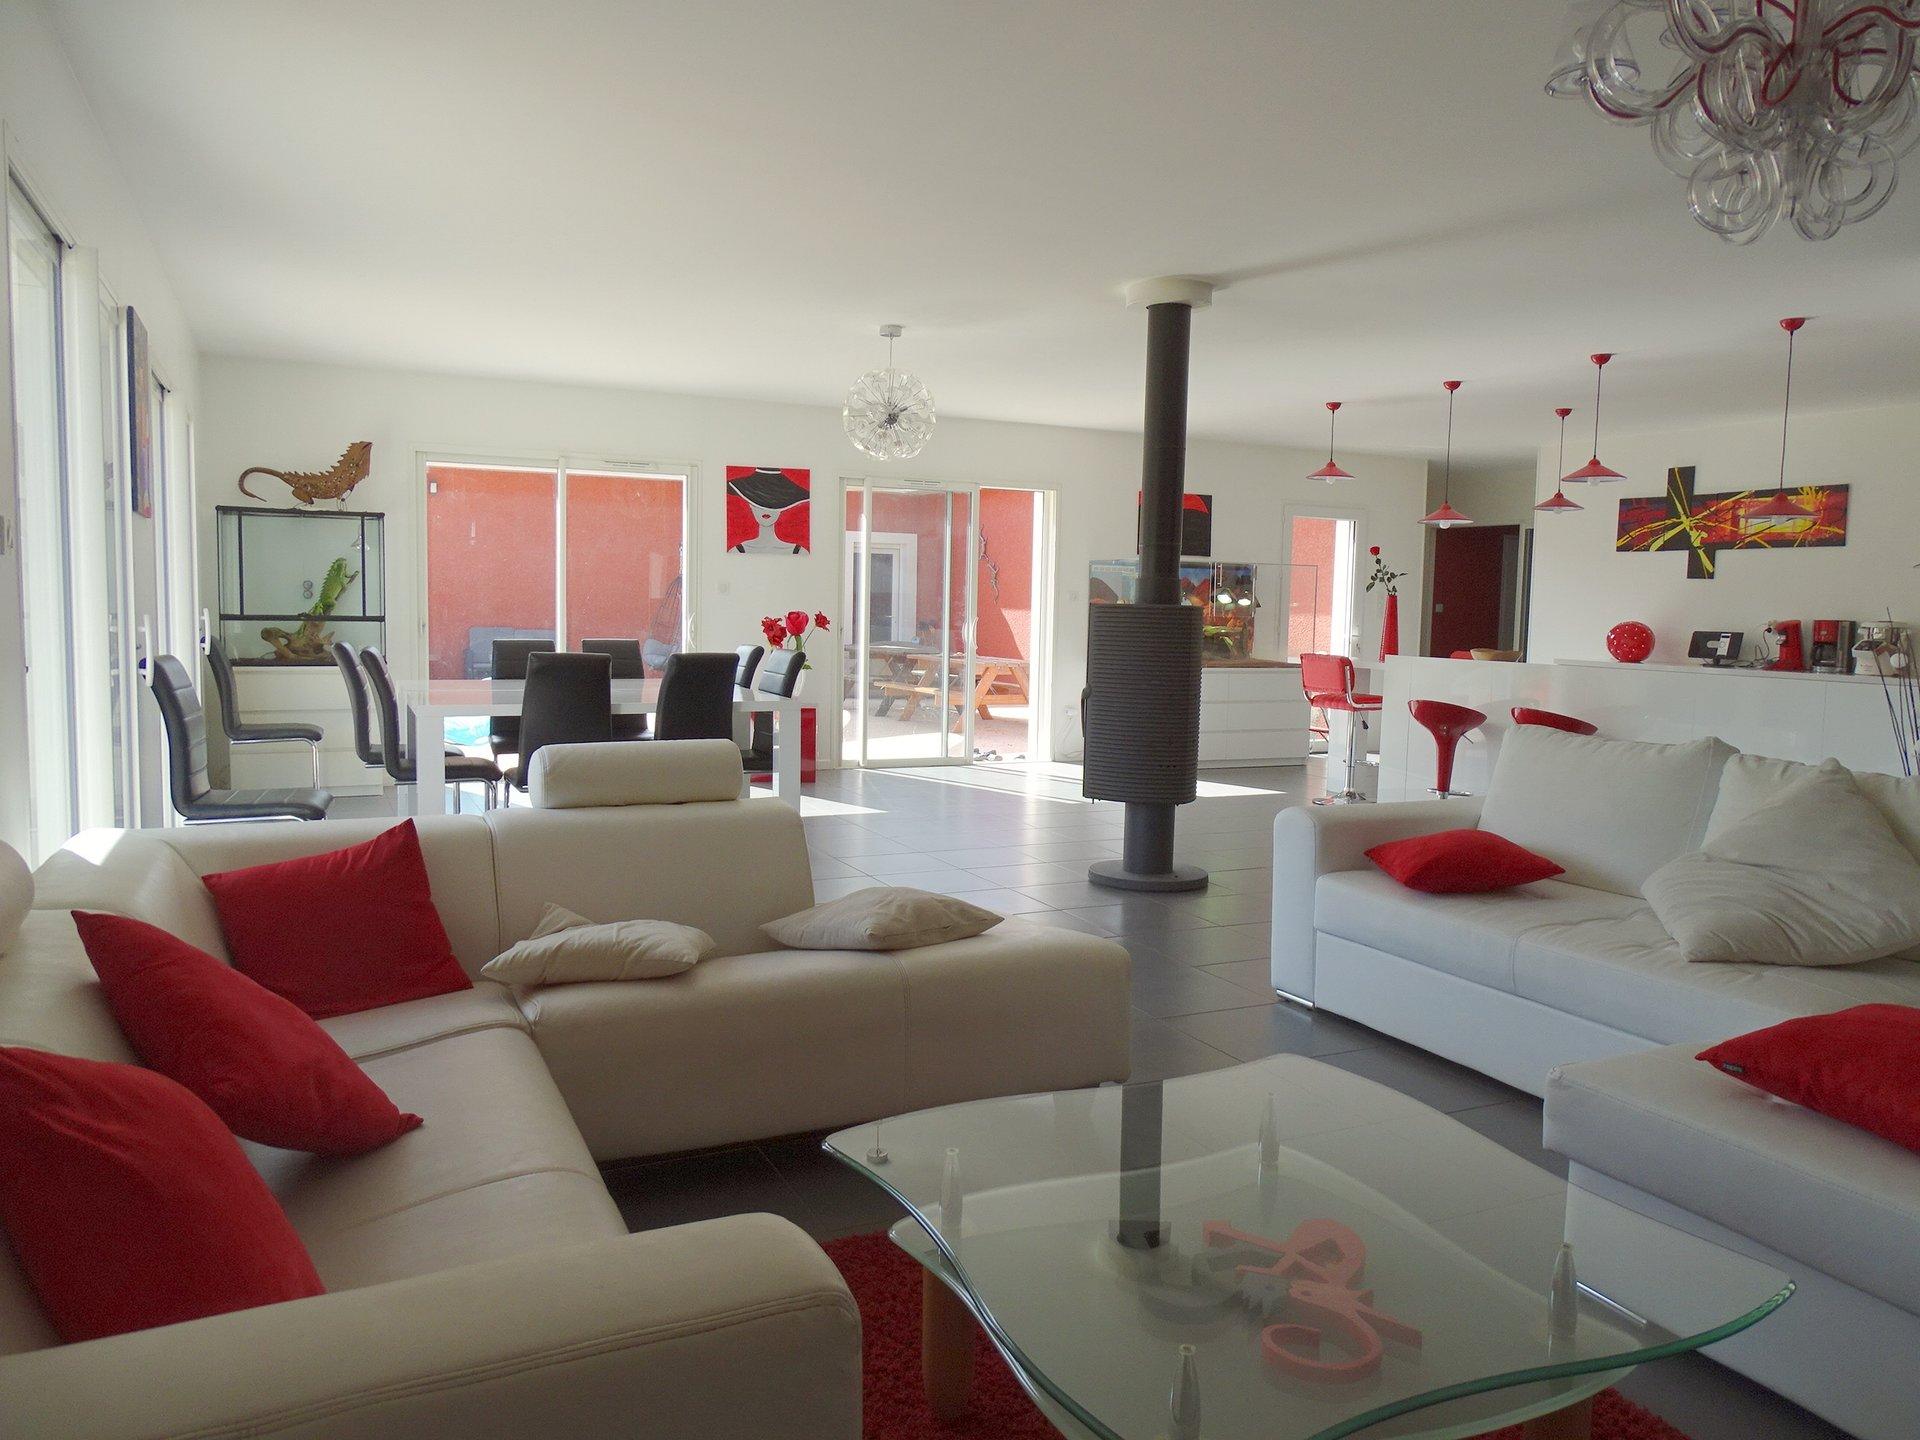 EXCLUSIVITE - Unique, à 10 mn à l'ouest de Mâcon - Découvrez cette superbe réalisation récente garantie encore jusqu'en 2023.  D'une surface de plus de 400 m² habitable, vous serez séduits par cette maison qui, via de belles ouvertures, s'articule autour d'une agréable terrasse de 95m². Cette villa comprend une partie principale disposant d'une pièce à vivre de 85 m² baignée de lumière, d'une suite parentale, d'une salle de jeux de 45 m², de trois chambres d'environ 25 m², d'une dernière chambre de 16 m², d'une grande salle de bains indépendante, d'une buanderie et d'un superbe dégagement. Attenant à cette partie principale et pouvant totalement être réunis, le bien dispose aussi d'un appartement indépendant de 90 m² avec son jardinet.  Grand garage de 65 m² et abris.  La maison s'ouvre complètement sur un extérieur unique : Plus de 10 000 m² de terrain avec une belle vue dégagée, longé par une rivière.  Rare de par sa surface (415 m² habitable - près de 500 m² de surface totale), sa configuration, ses volumes et son terrain. Construction de 2013 totalement de plain pied et aux normes handicapés !  A visiter sans tarder .. Honoraires à charges vendeurs et DPE en cours